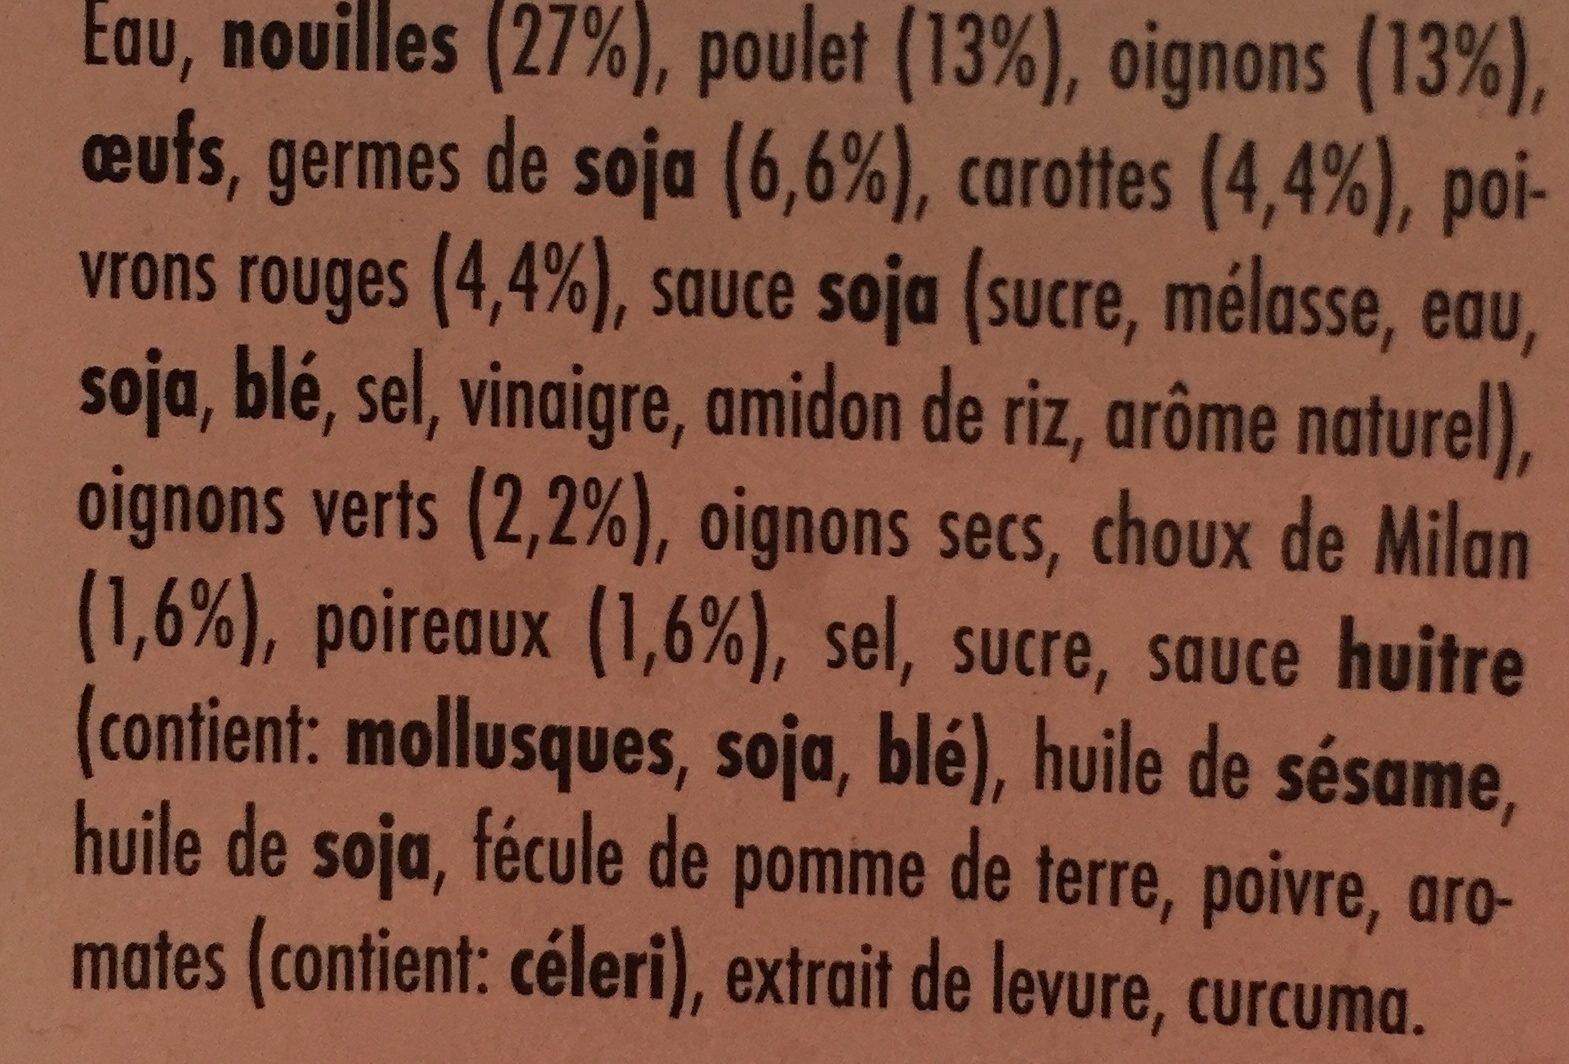 Wok nouilles - Ingrediënten - fr